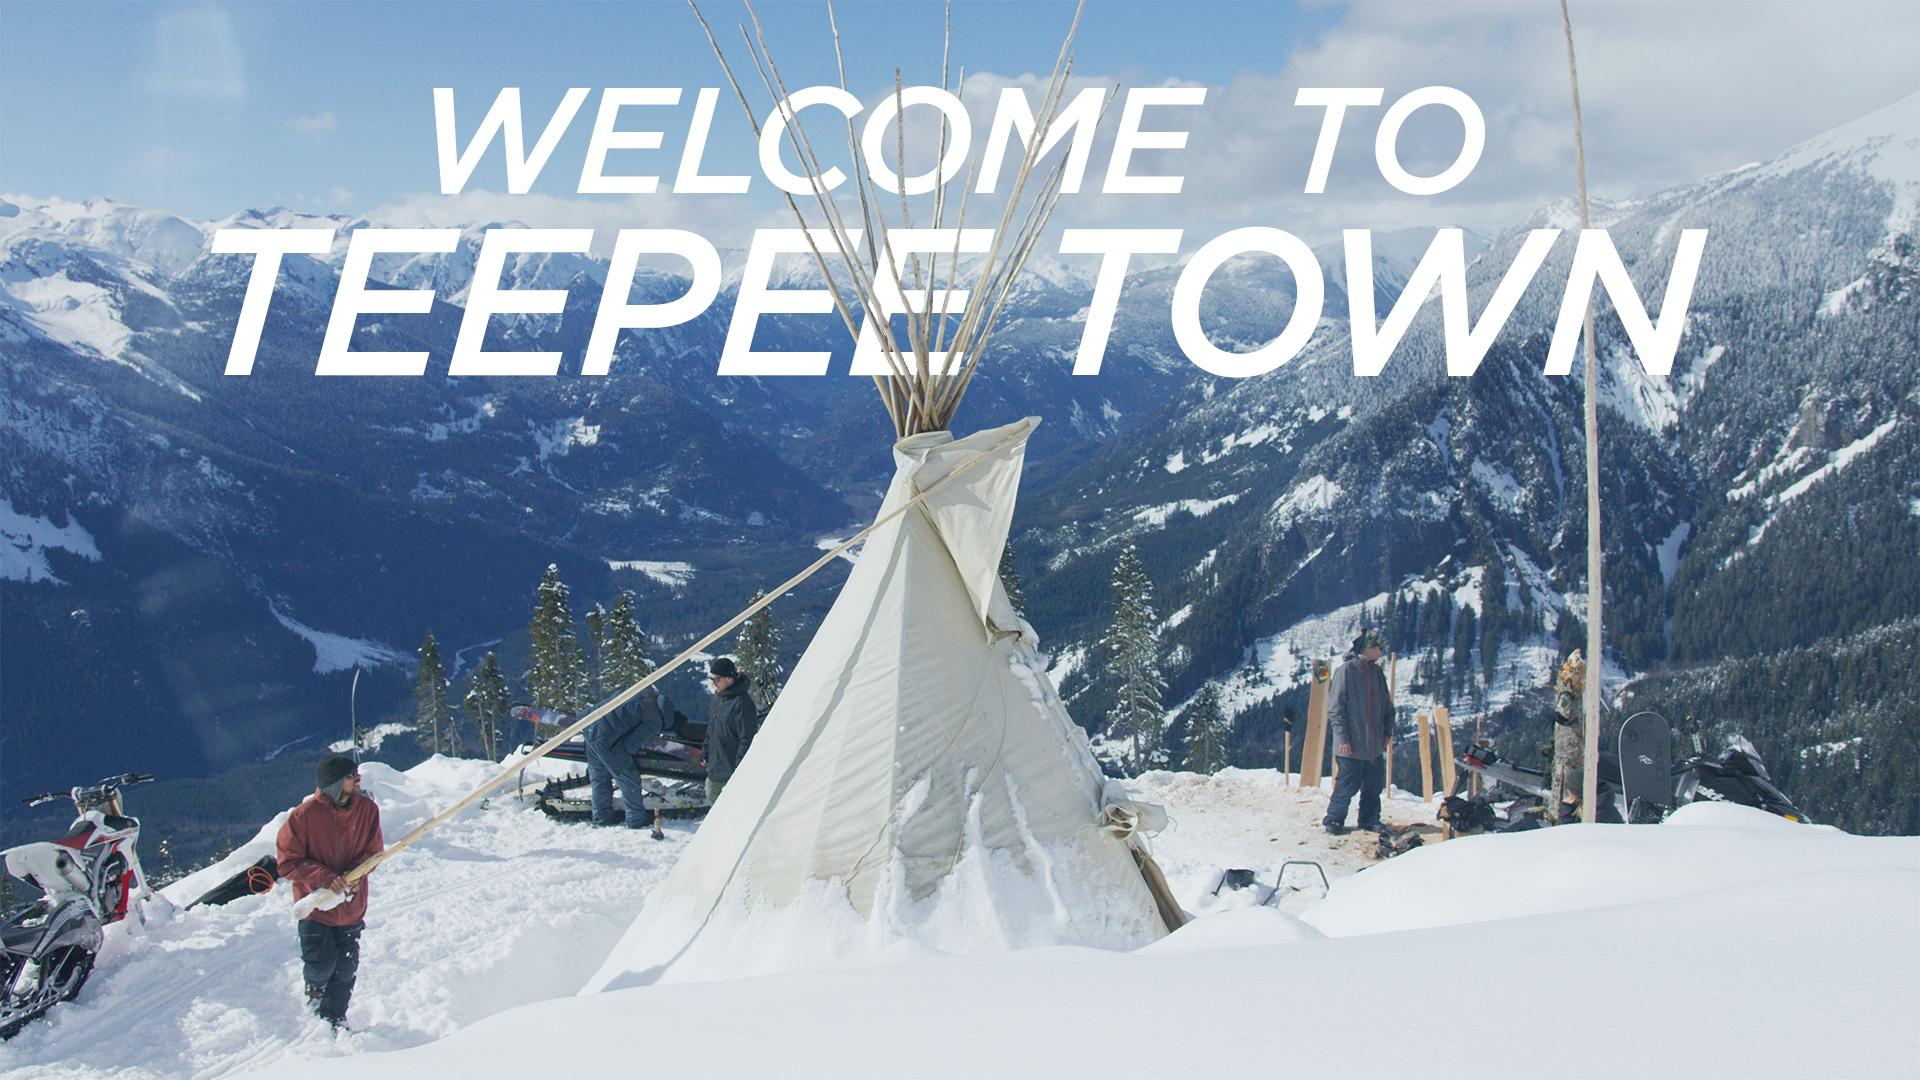 TEEPEE TOWN.jpg